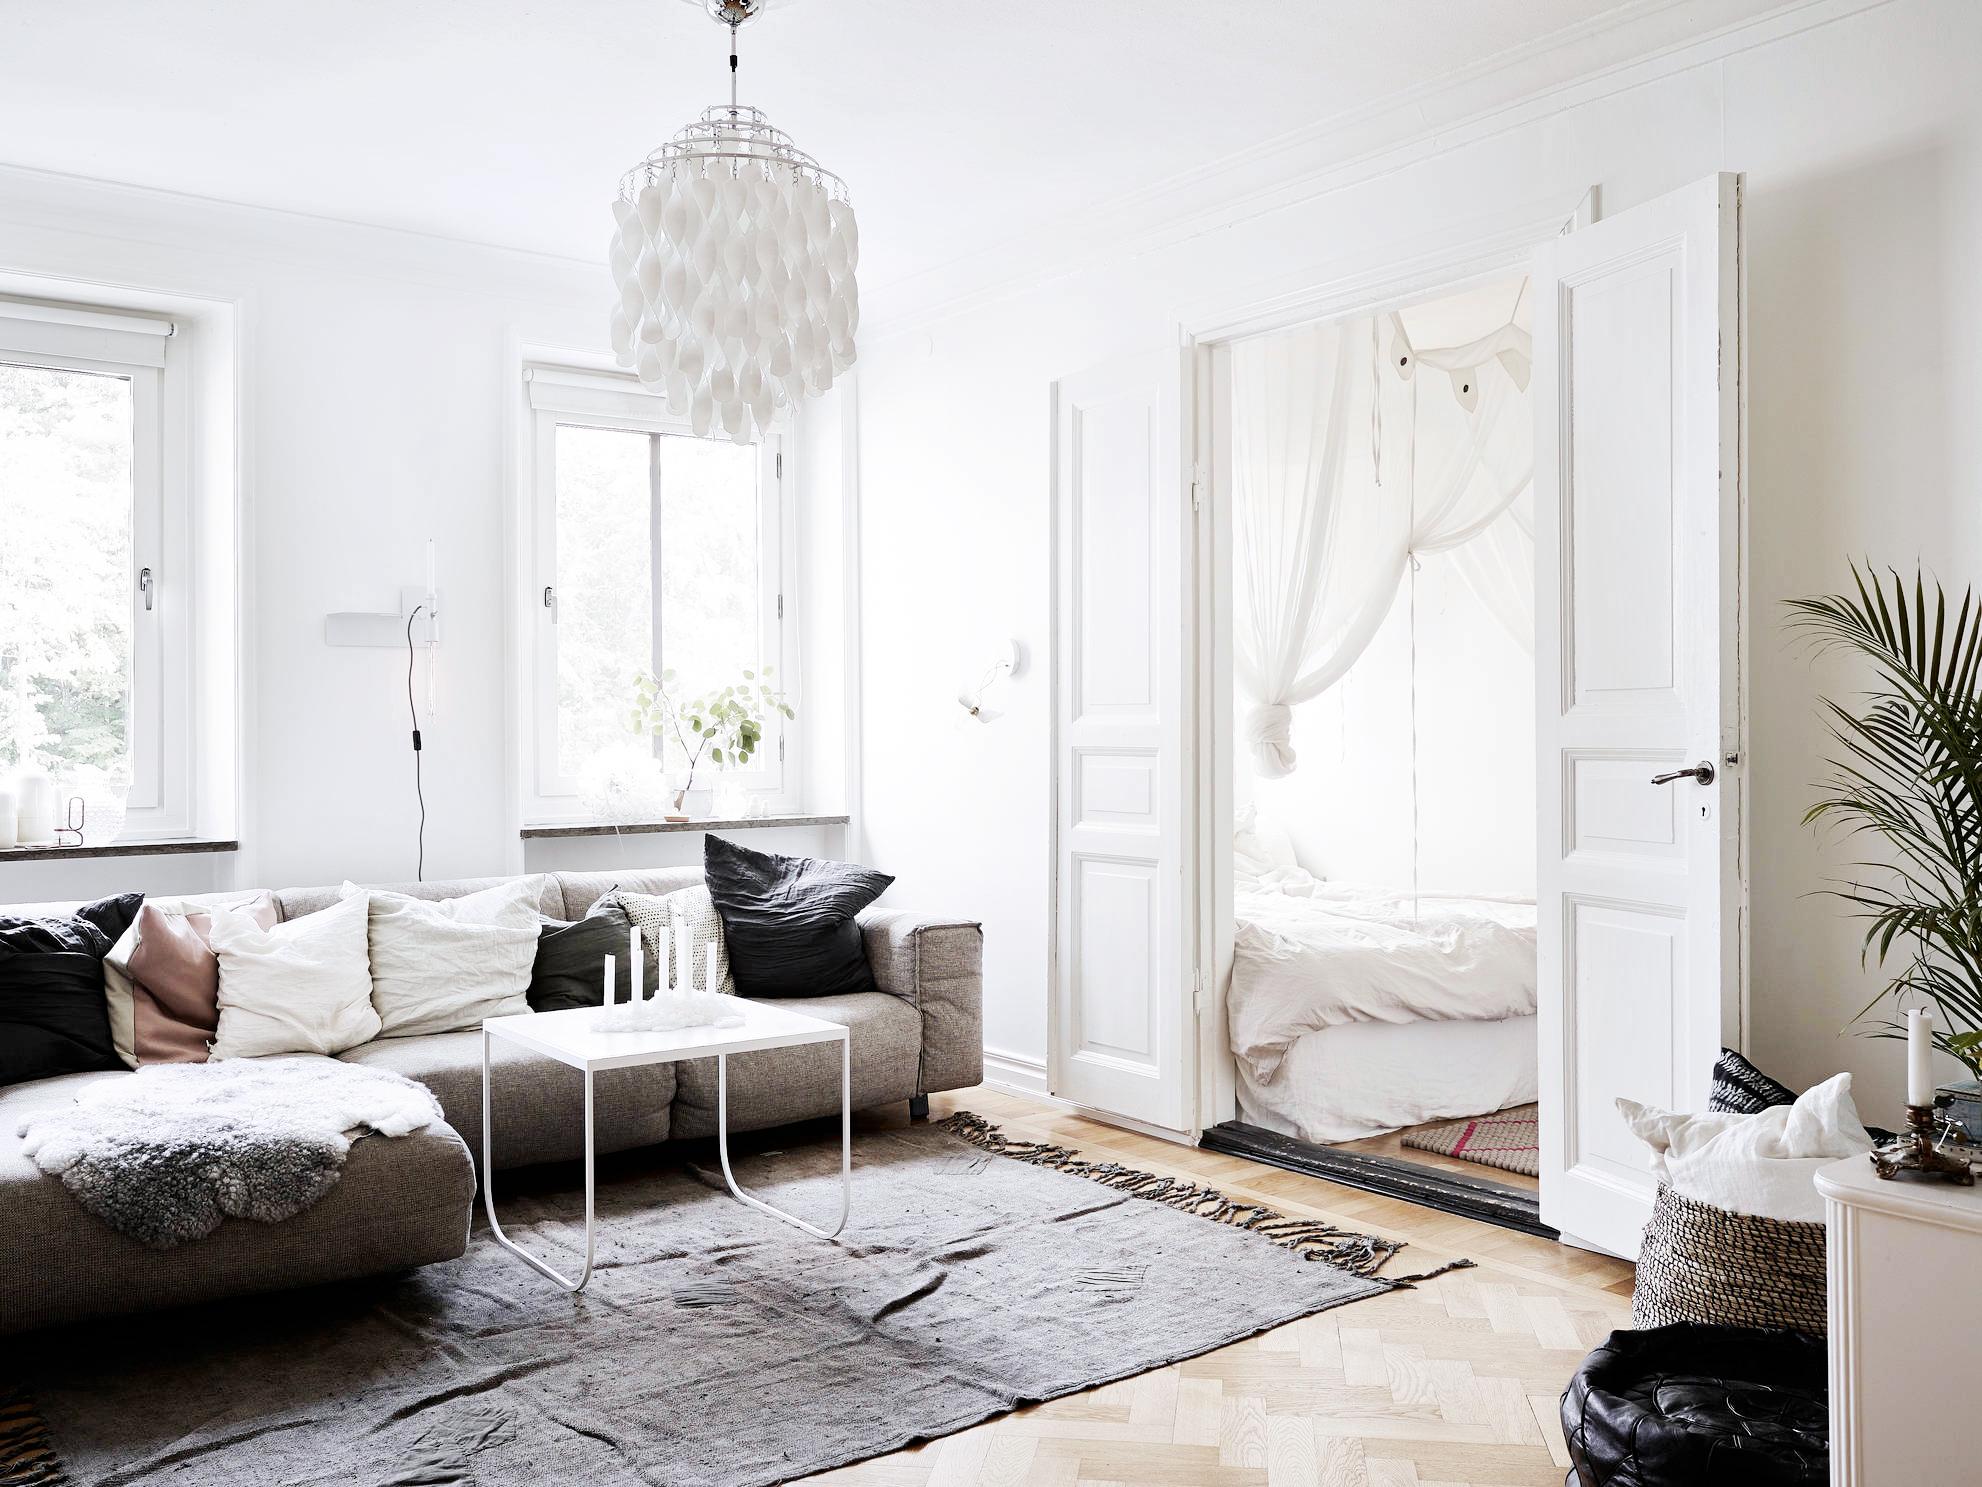 Jelanie blog - Small Scandinavian home - living room 2